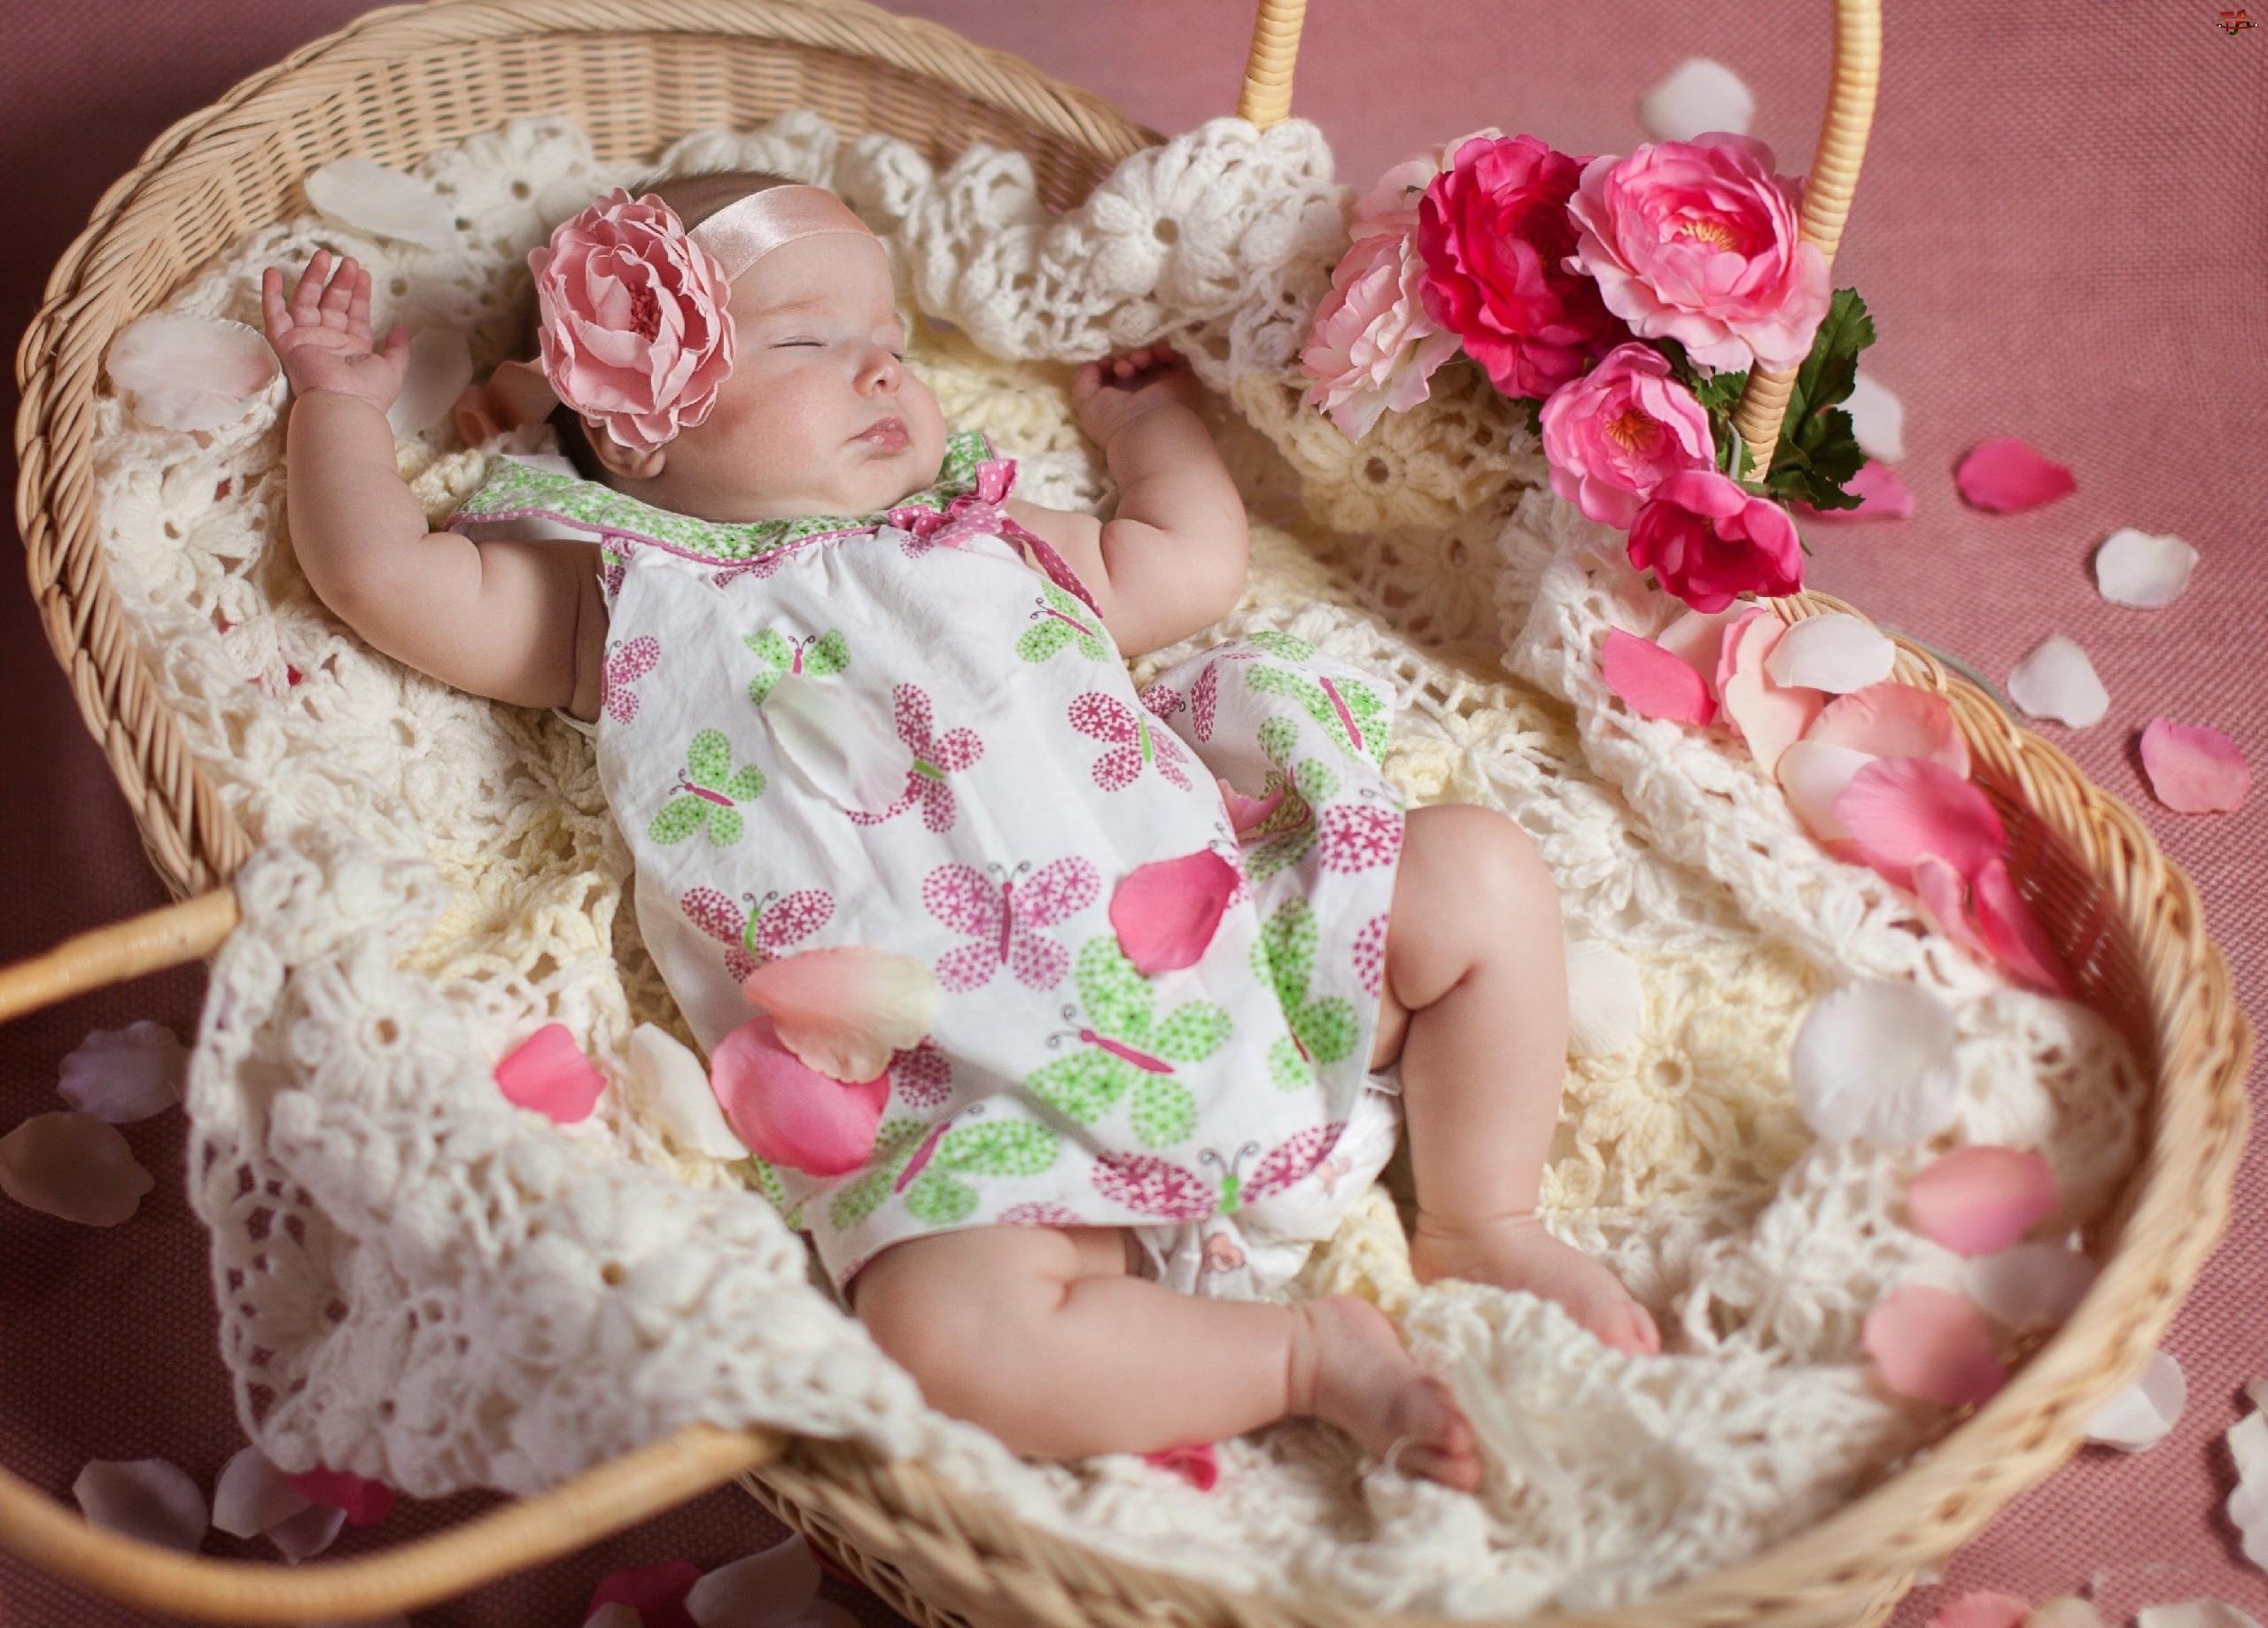 Śpiąca, Kwiaty, Mała, Dziewczynka